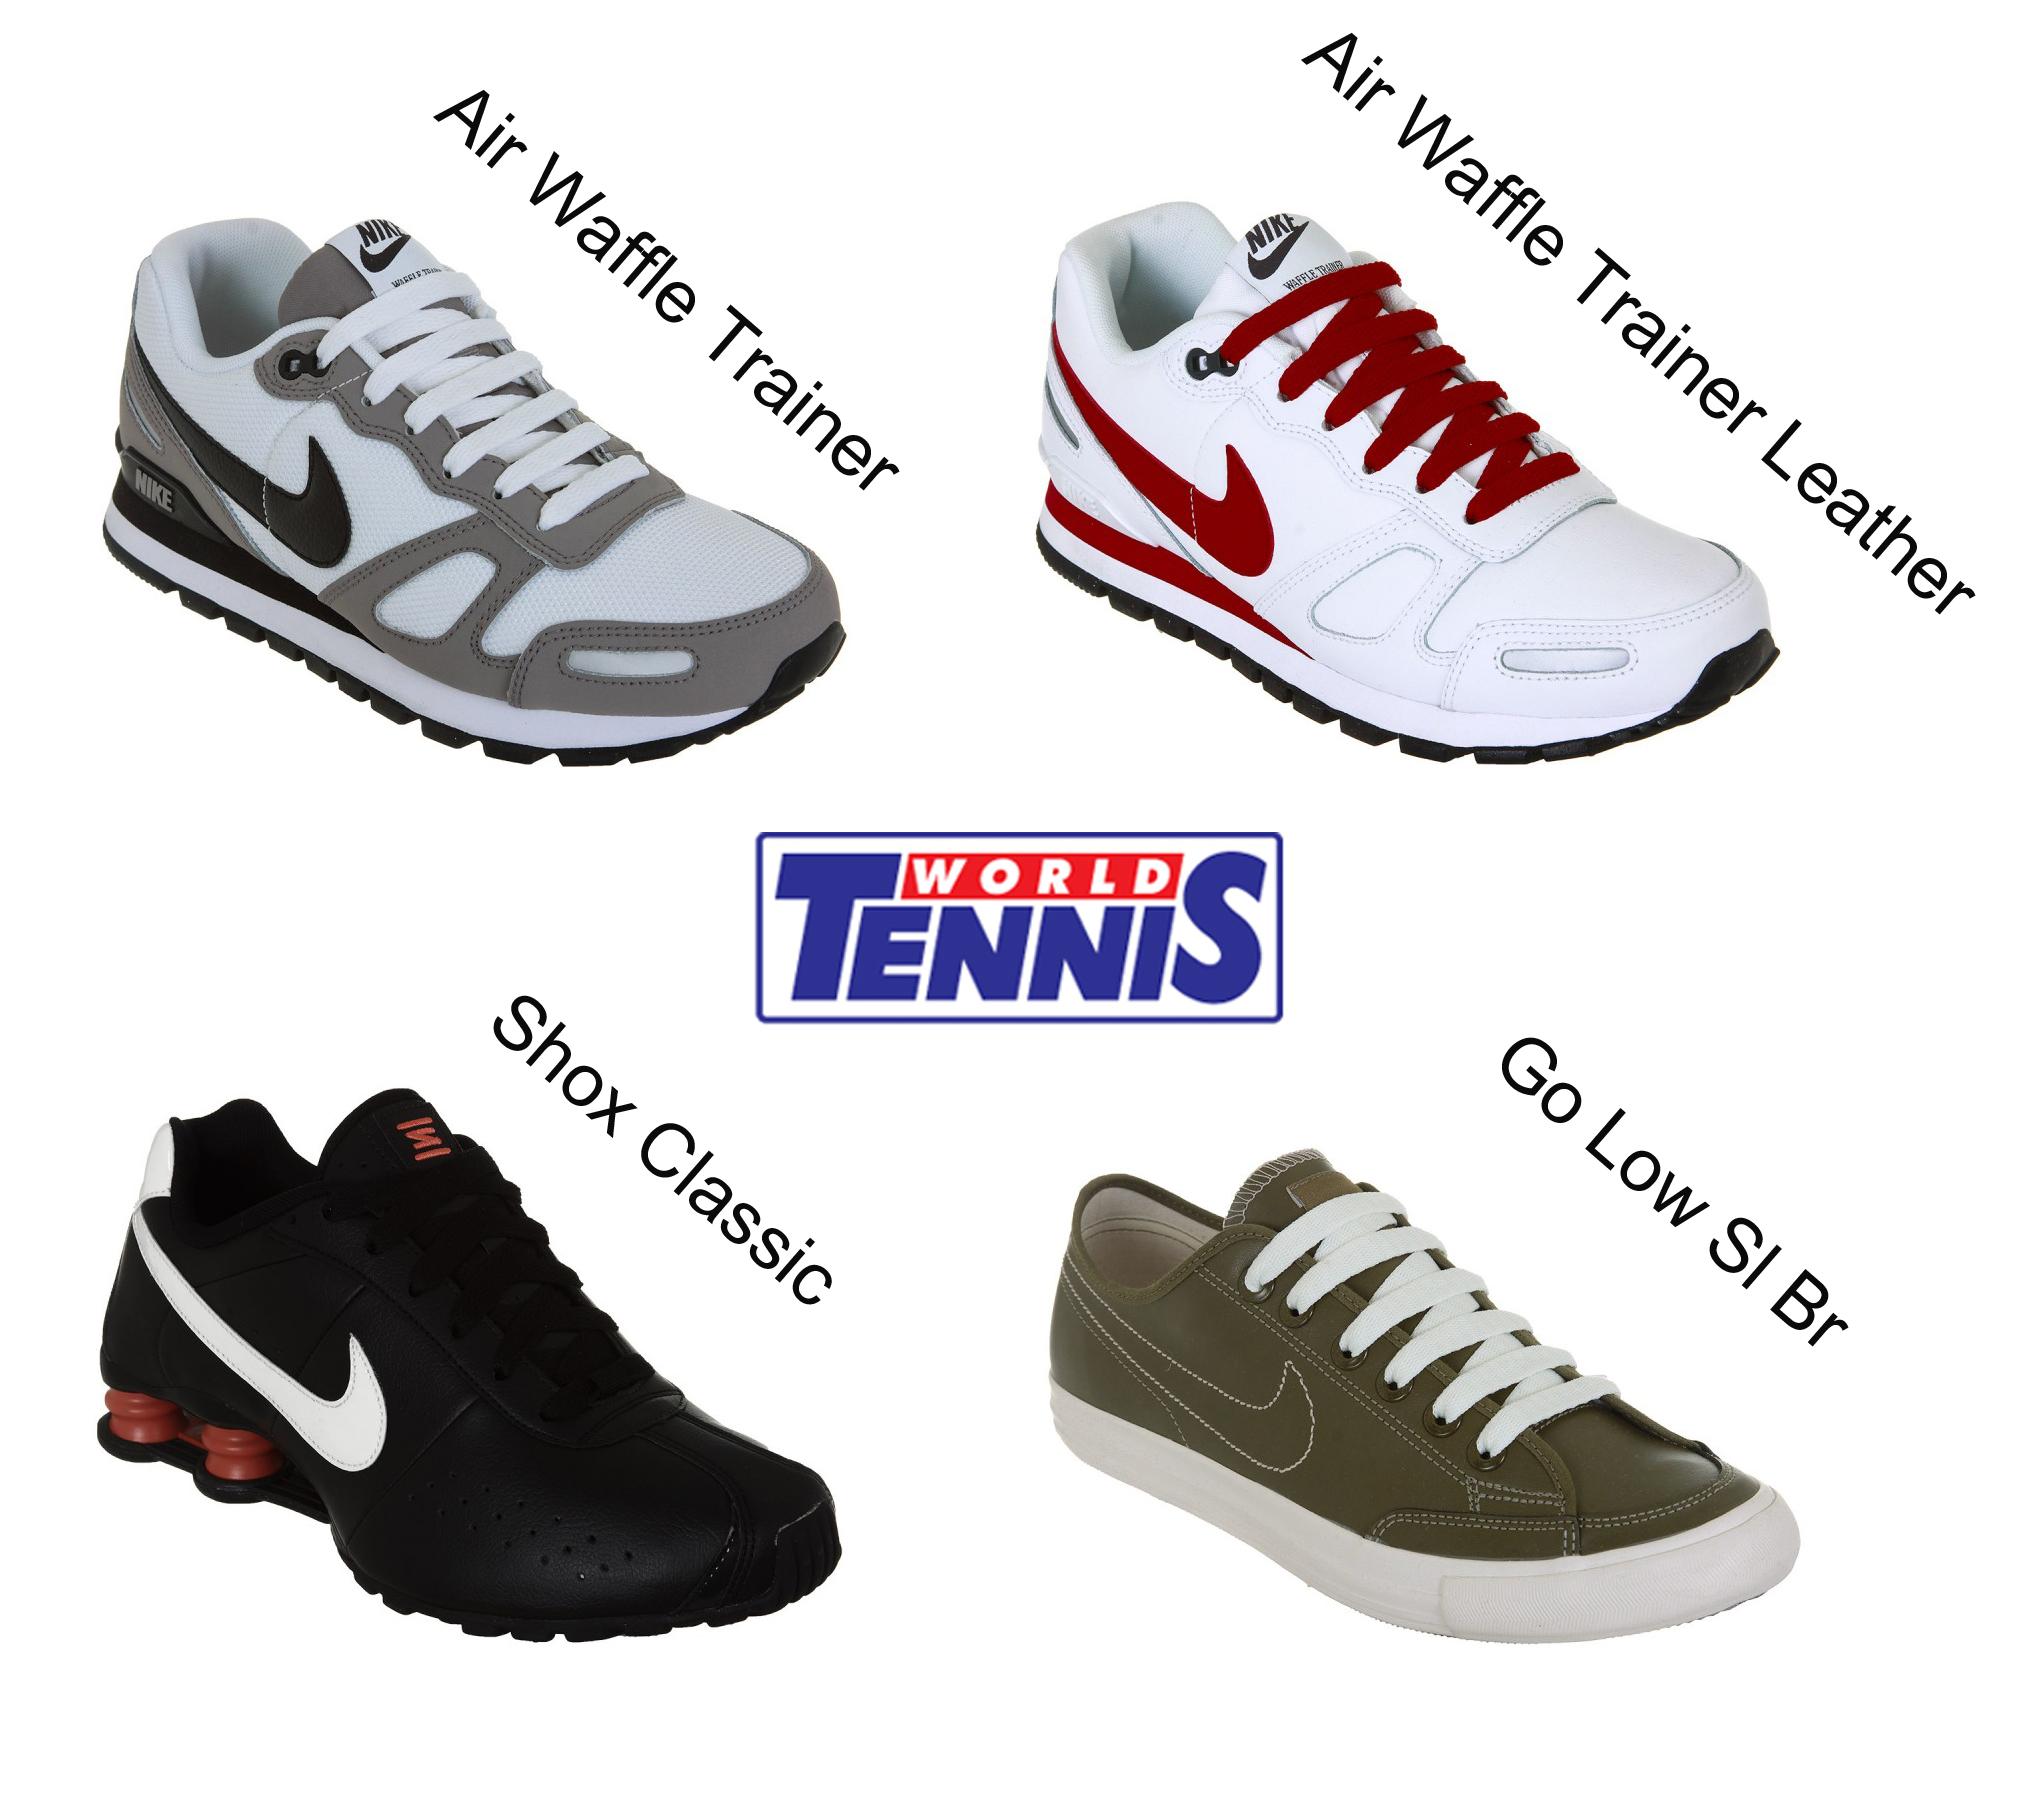 e1b9cb2a3d Arquivos Tênis para academia - Página 10 de 13 - World Tennis - Tênis